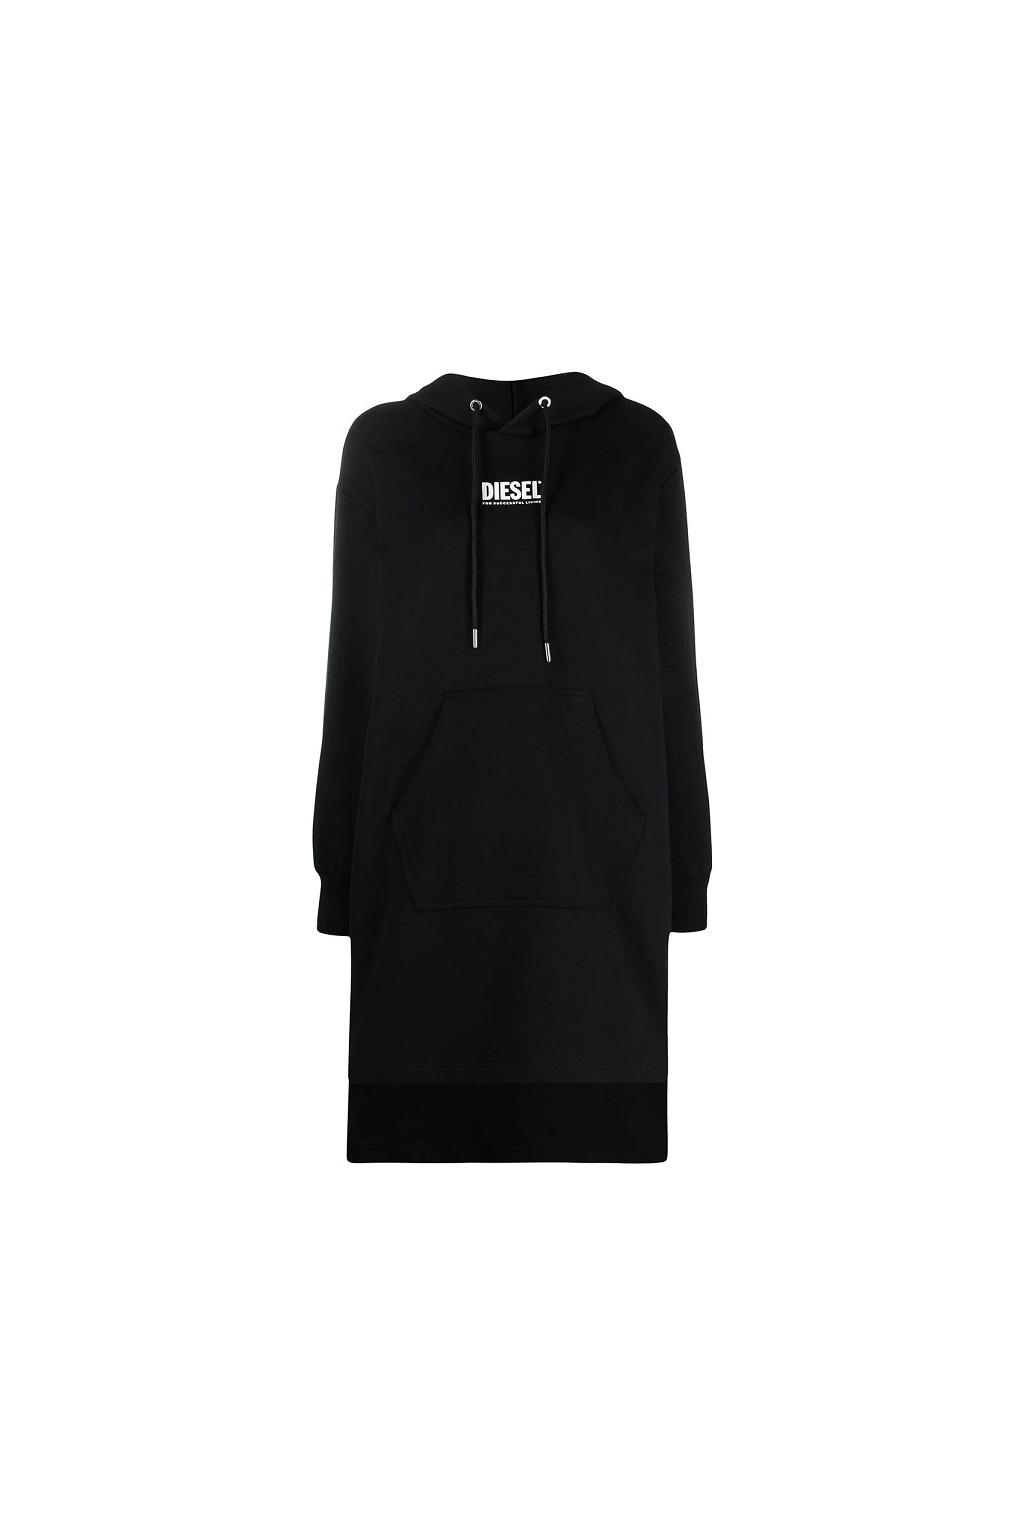 Dámské šaty Diesel D Ilse Smallogo černé